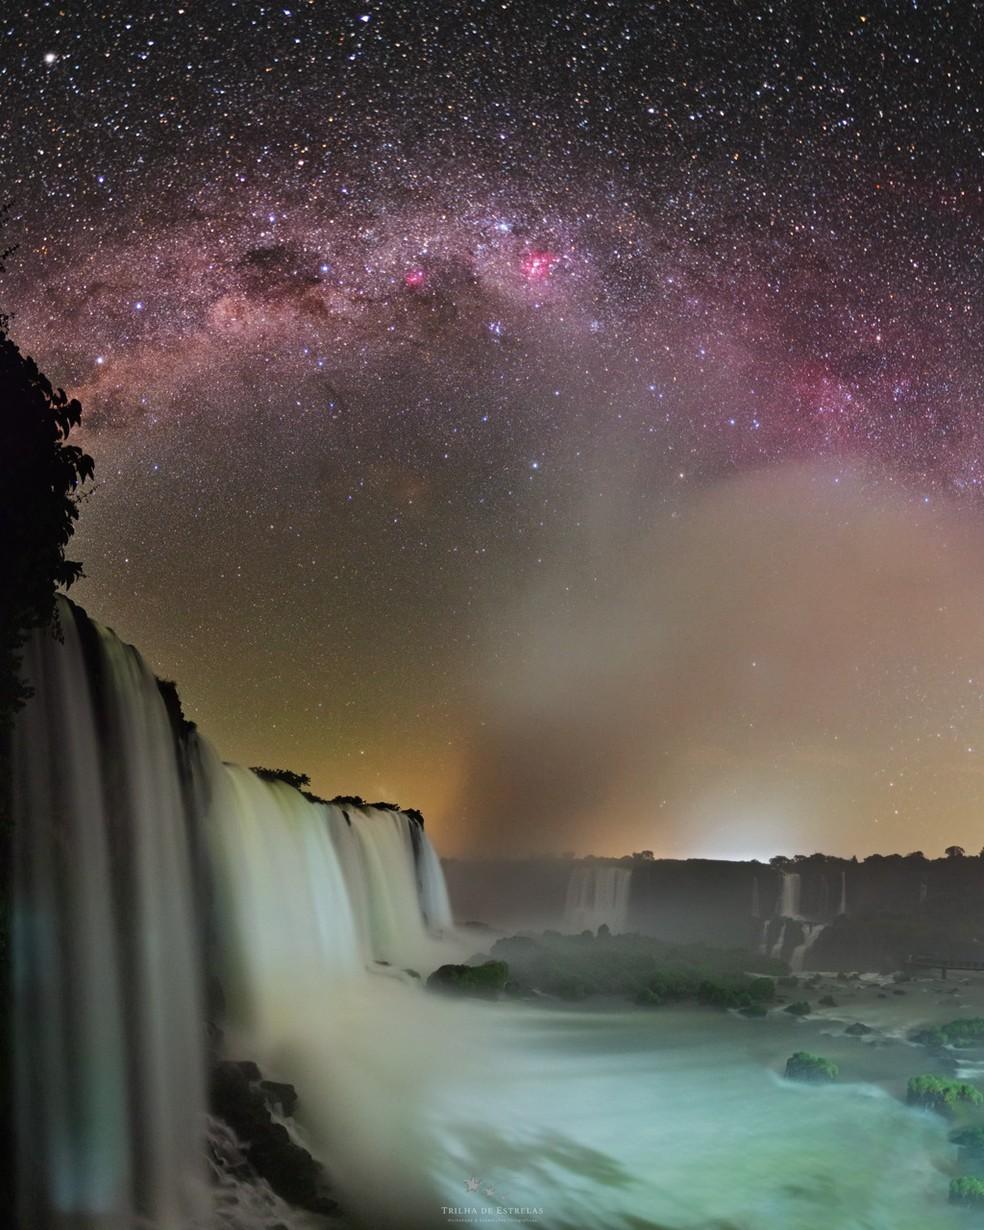 Imagens noturas revelam uma paisagem diferente no Parque Nacional do Iguaçu — Foto: Victor Lima/Divulgação